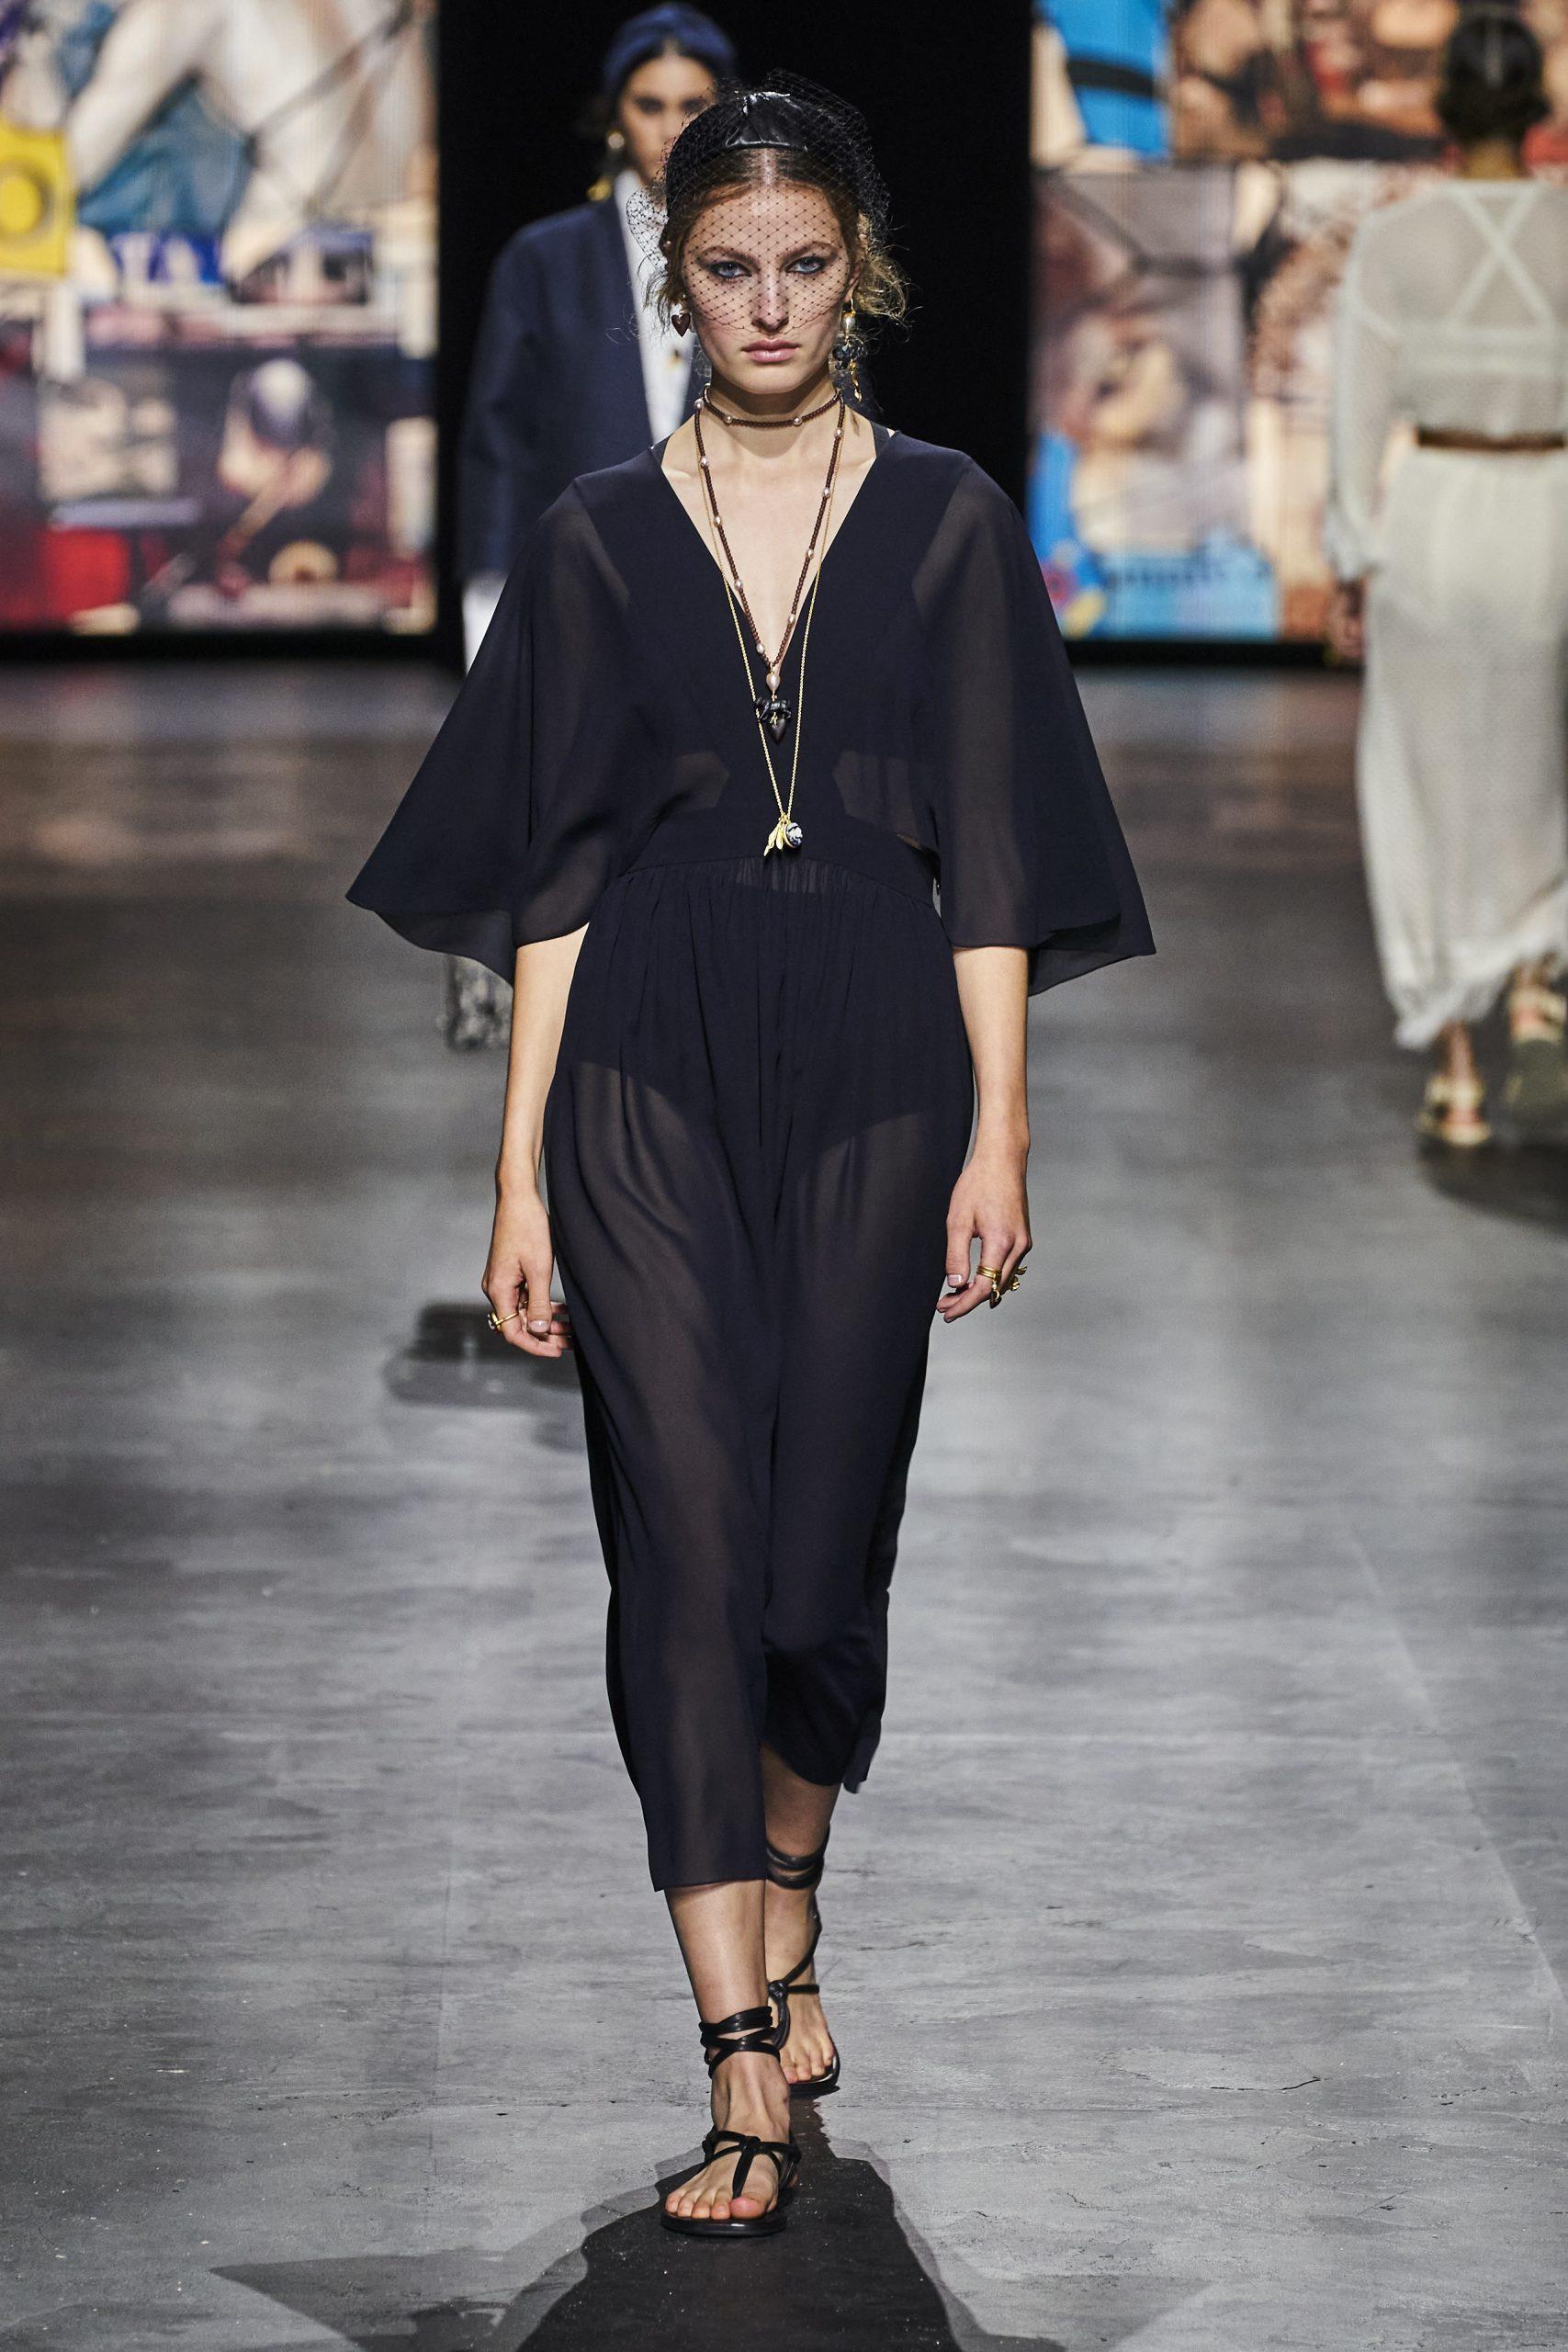 11. kép: Párizsi divathét - Christian Dior - 2021 tavasz-nyár - ready to wear